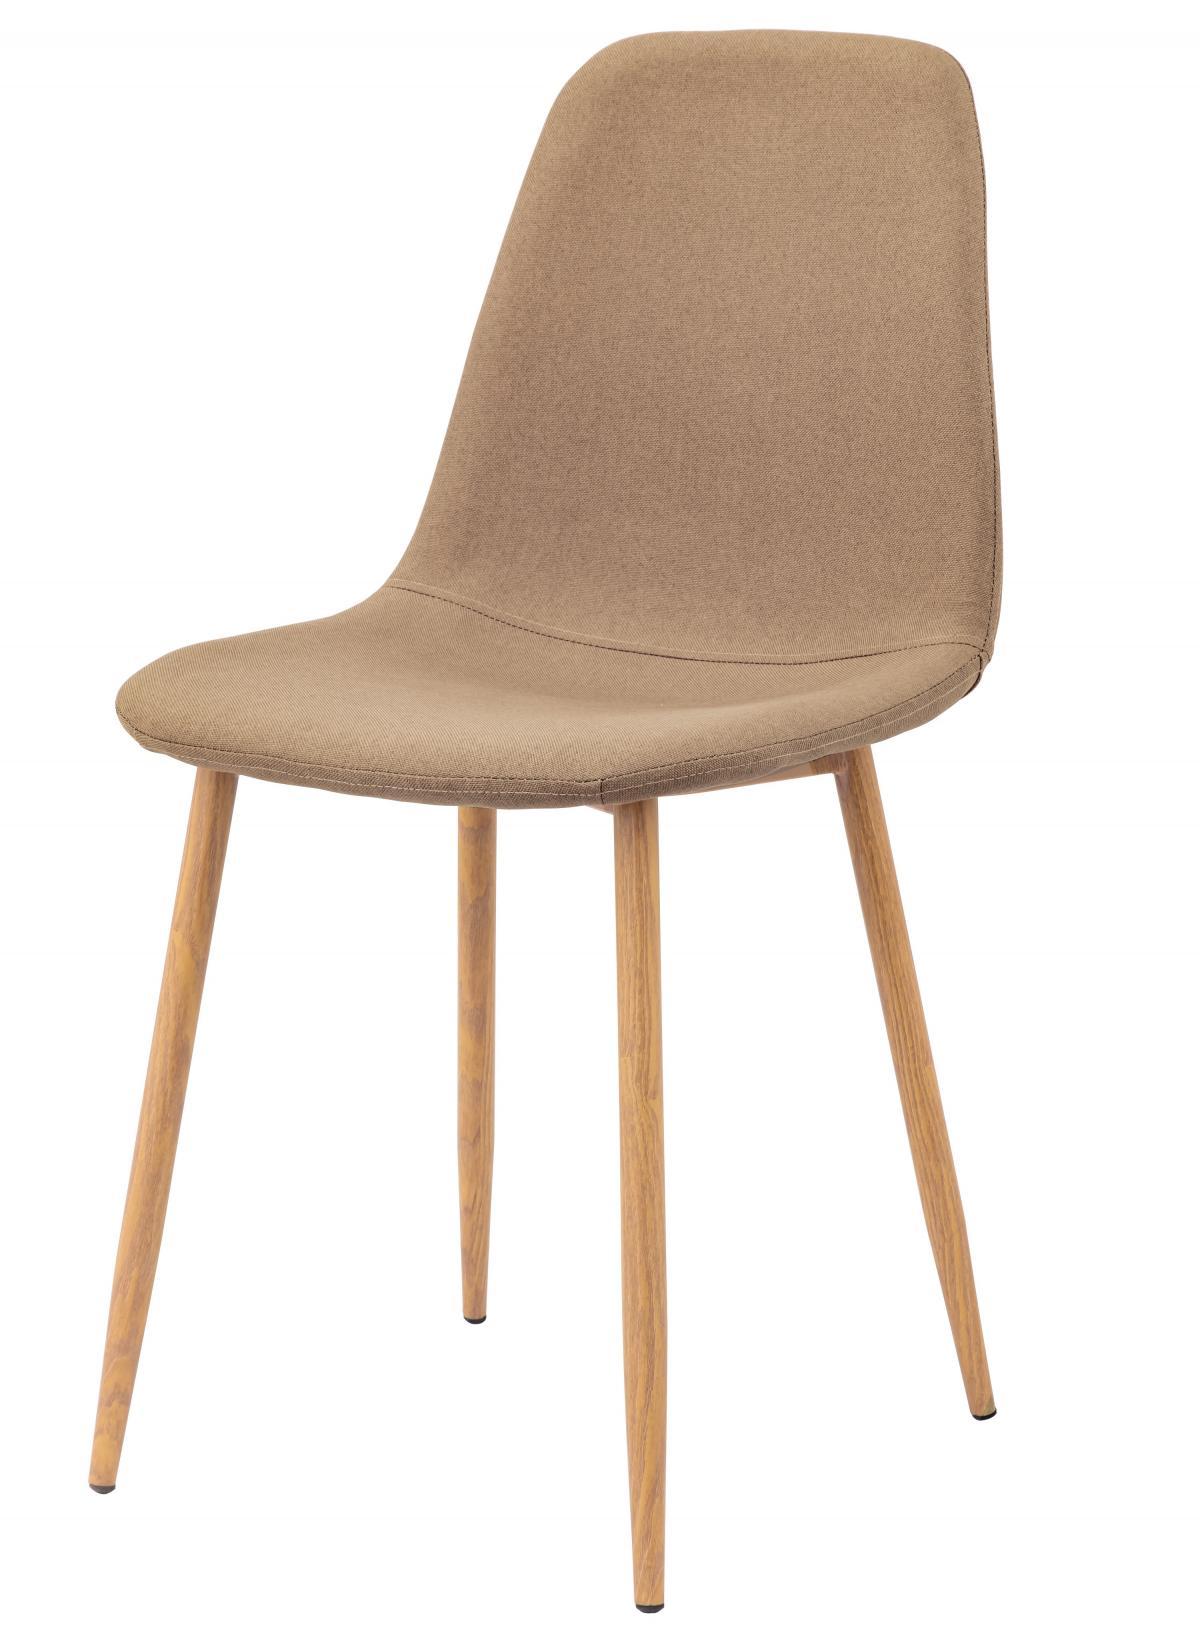 כסא לפינת אוכל דגם SOLNA בד אריג חום